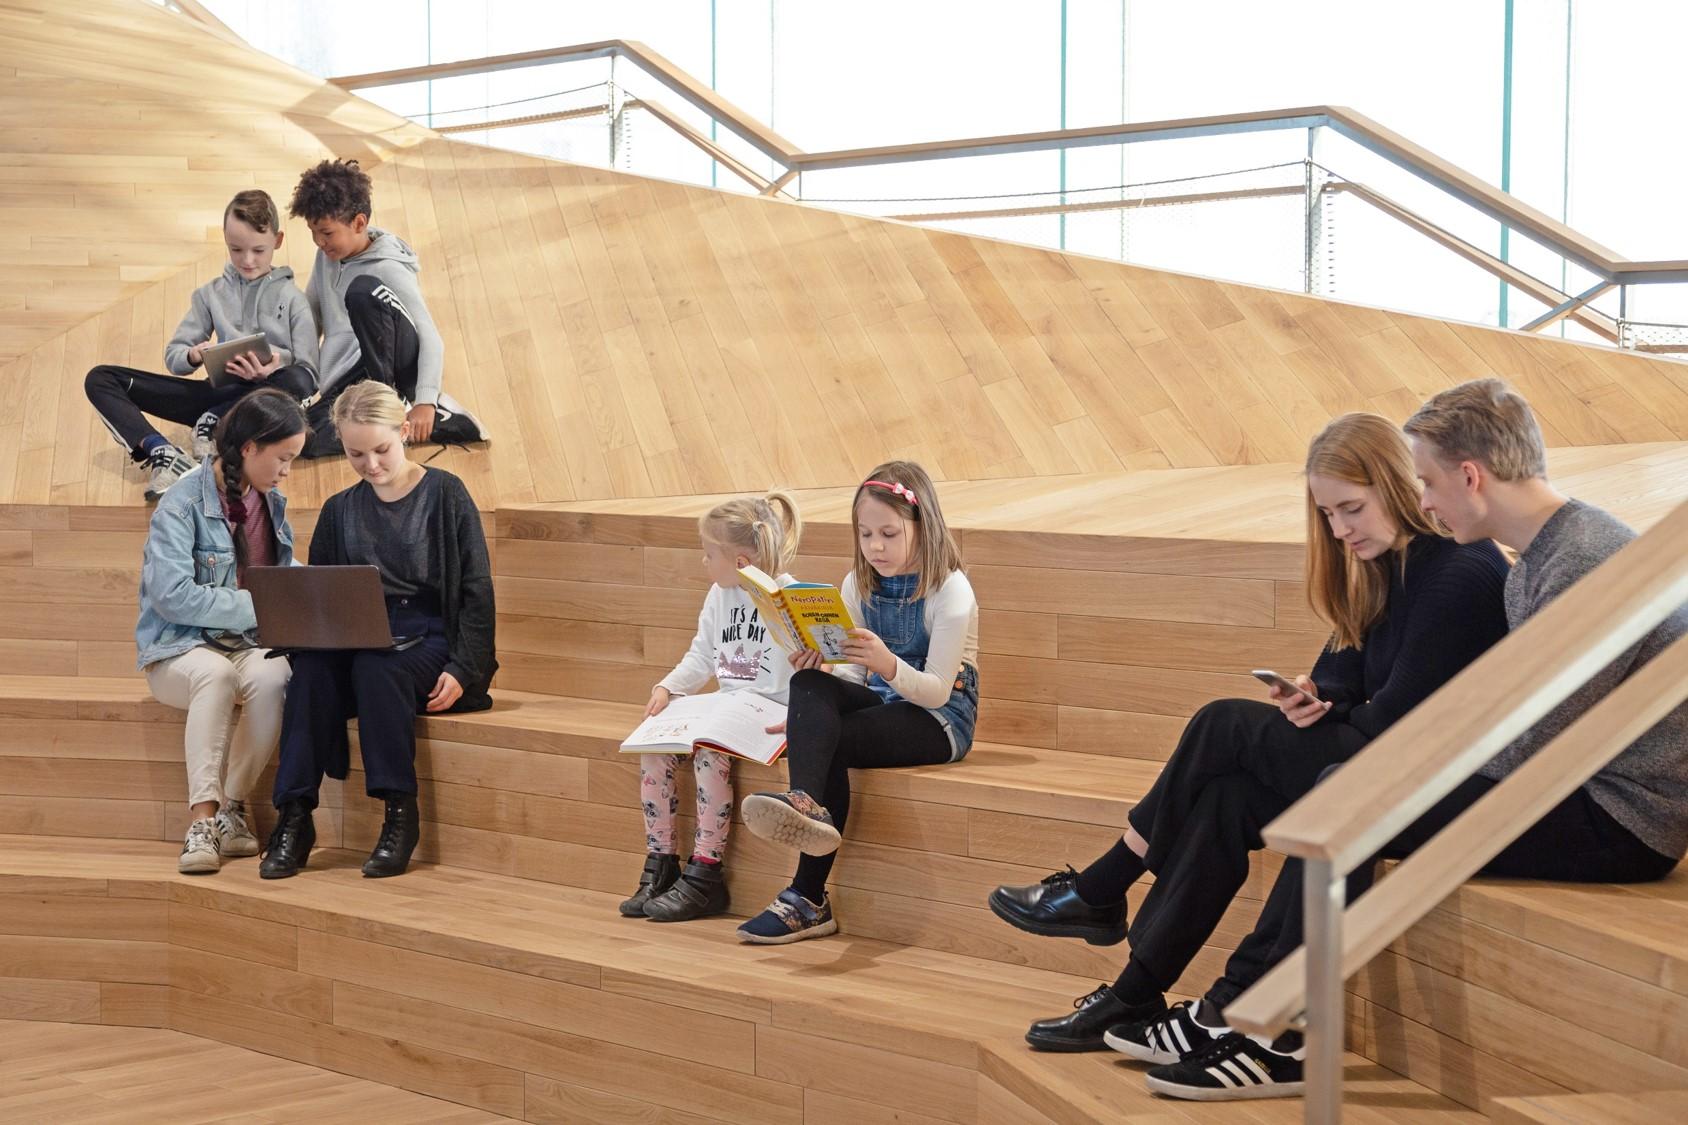 「Oodi」はフロアごとに特徴があり、1階は、カフェや映画館、イベントホールなどがある交流のフロア、2階は仕事や学びのためのフロア。3階は本の楽園をイメージ。子どものためのキッズスペースは3階にあります。